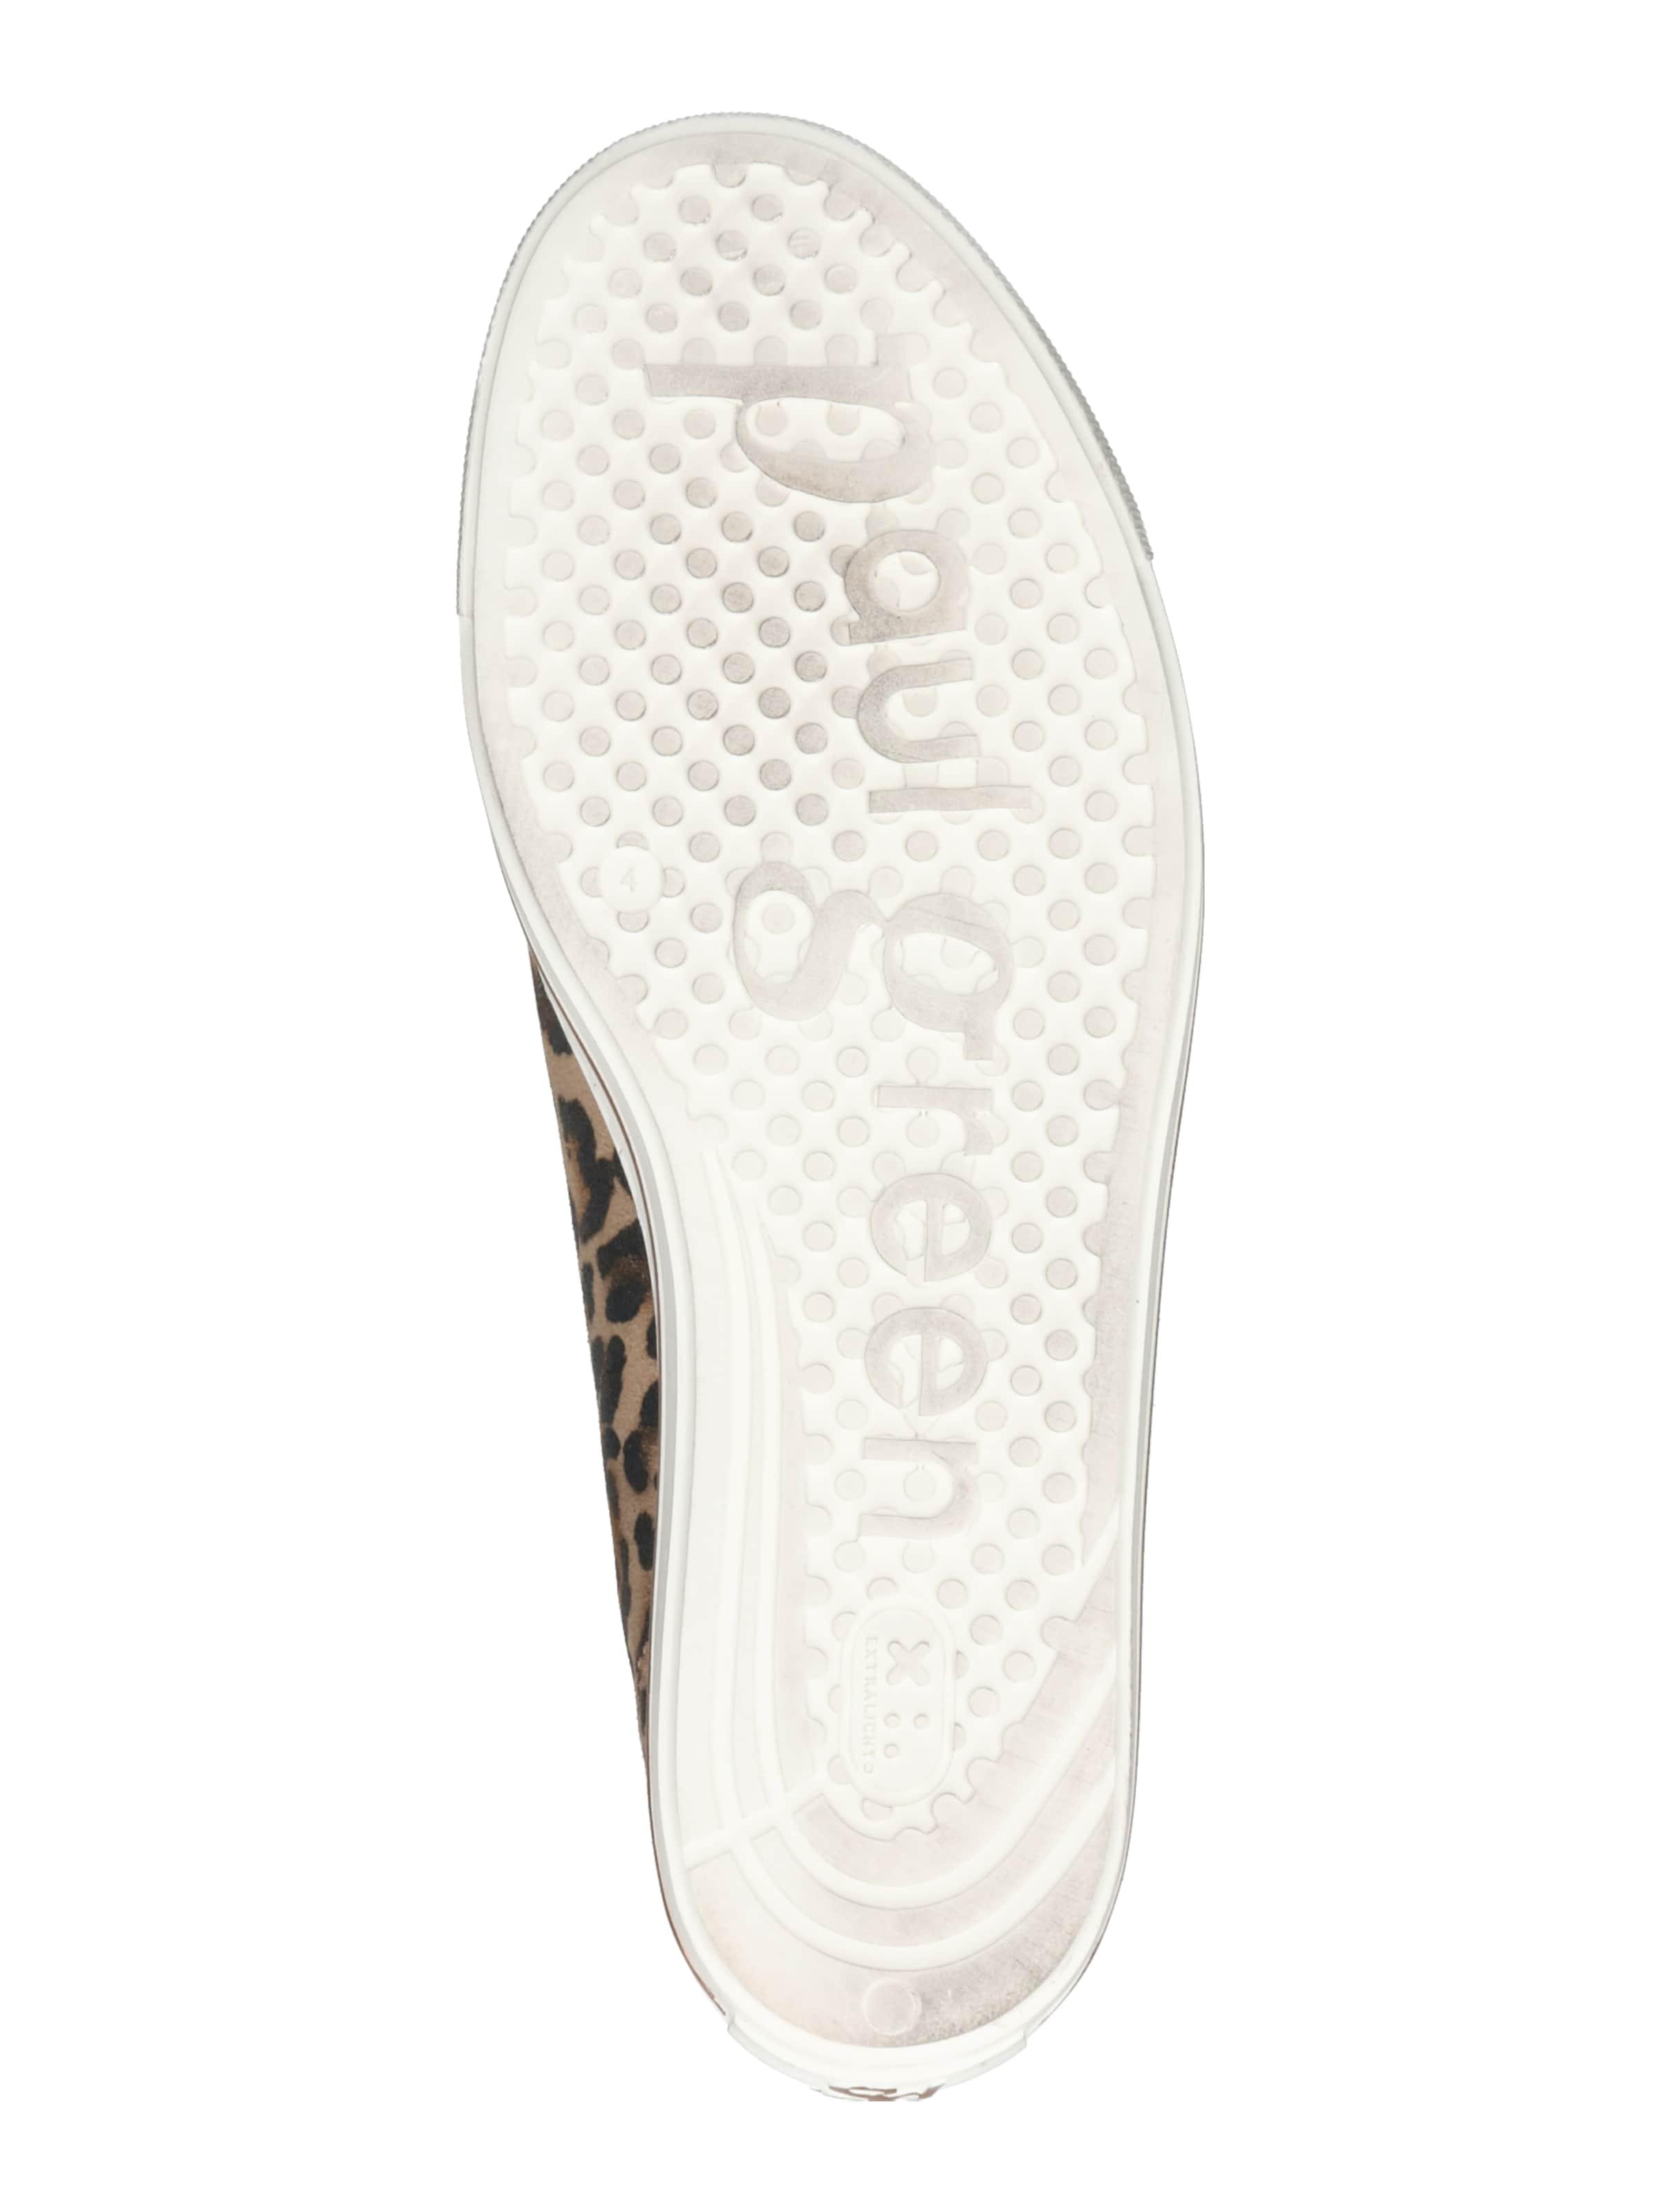 Paul Green HellbeigeBraun Sneakers In Schwarz OwPn0k